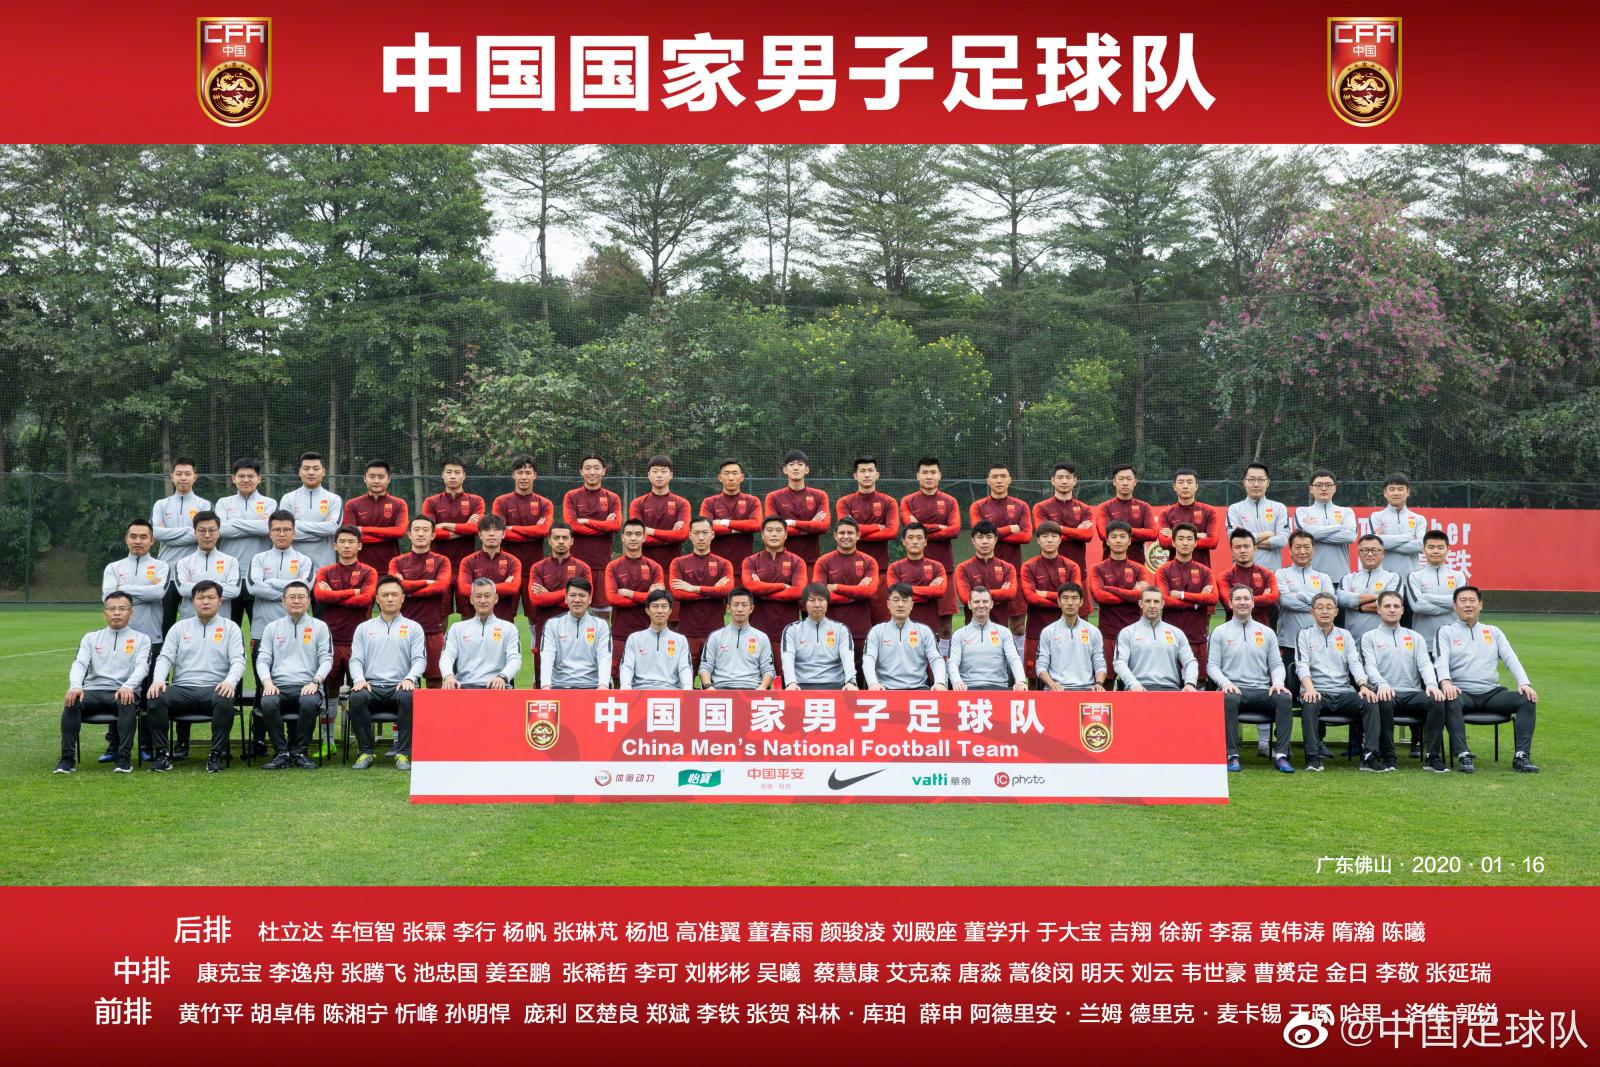 一图流:新一期中国男足拍摄全家福,李铁C位抢镜